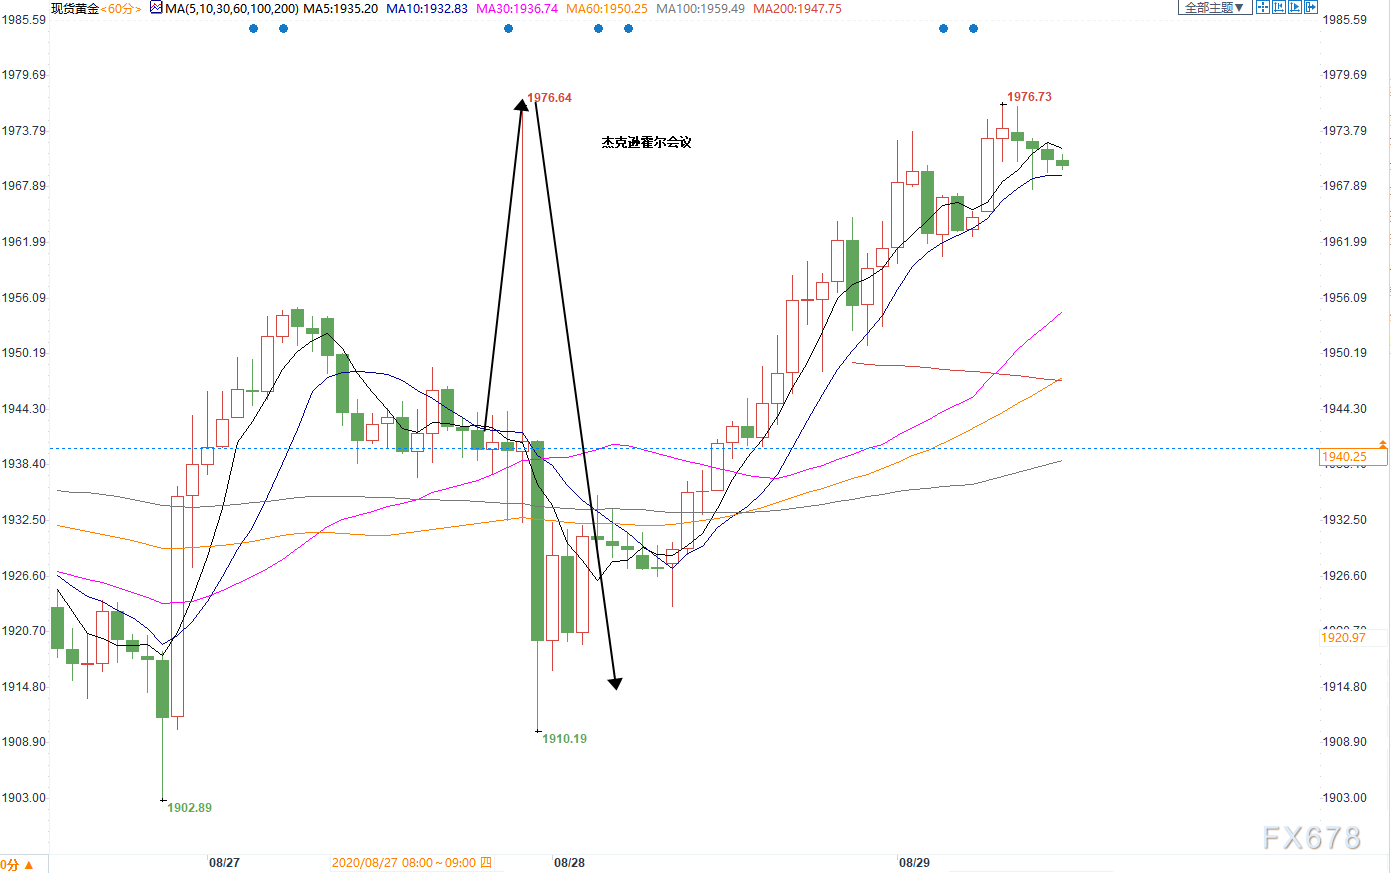 黄金交易提醒:美股回归基本面,黄金9月有望反攻?但央行黄金卖家多于买家,警惕非农再添一击